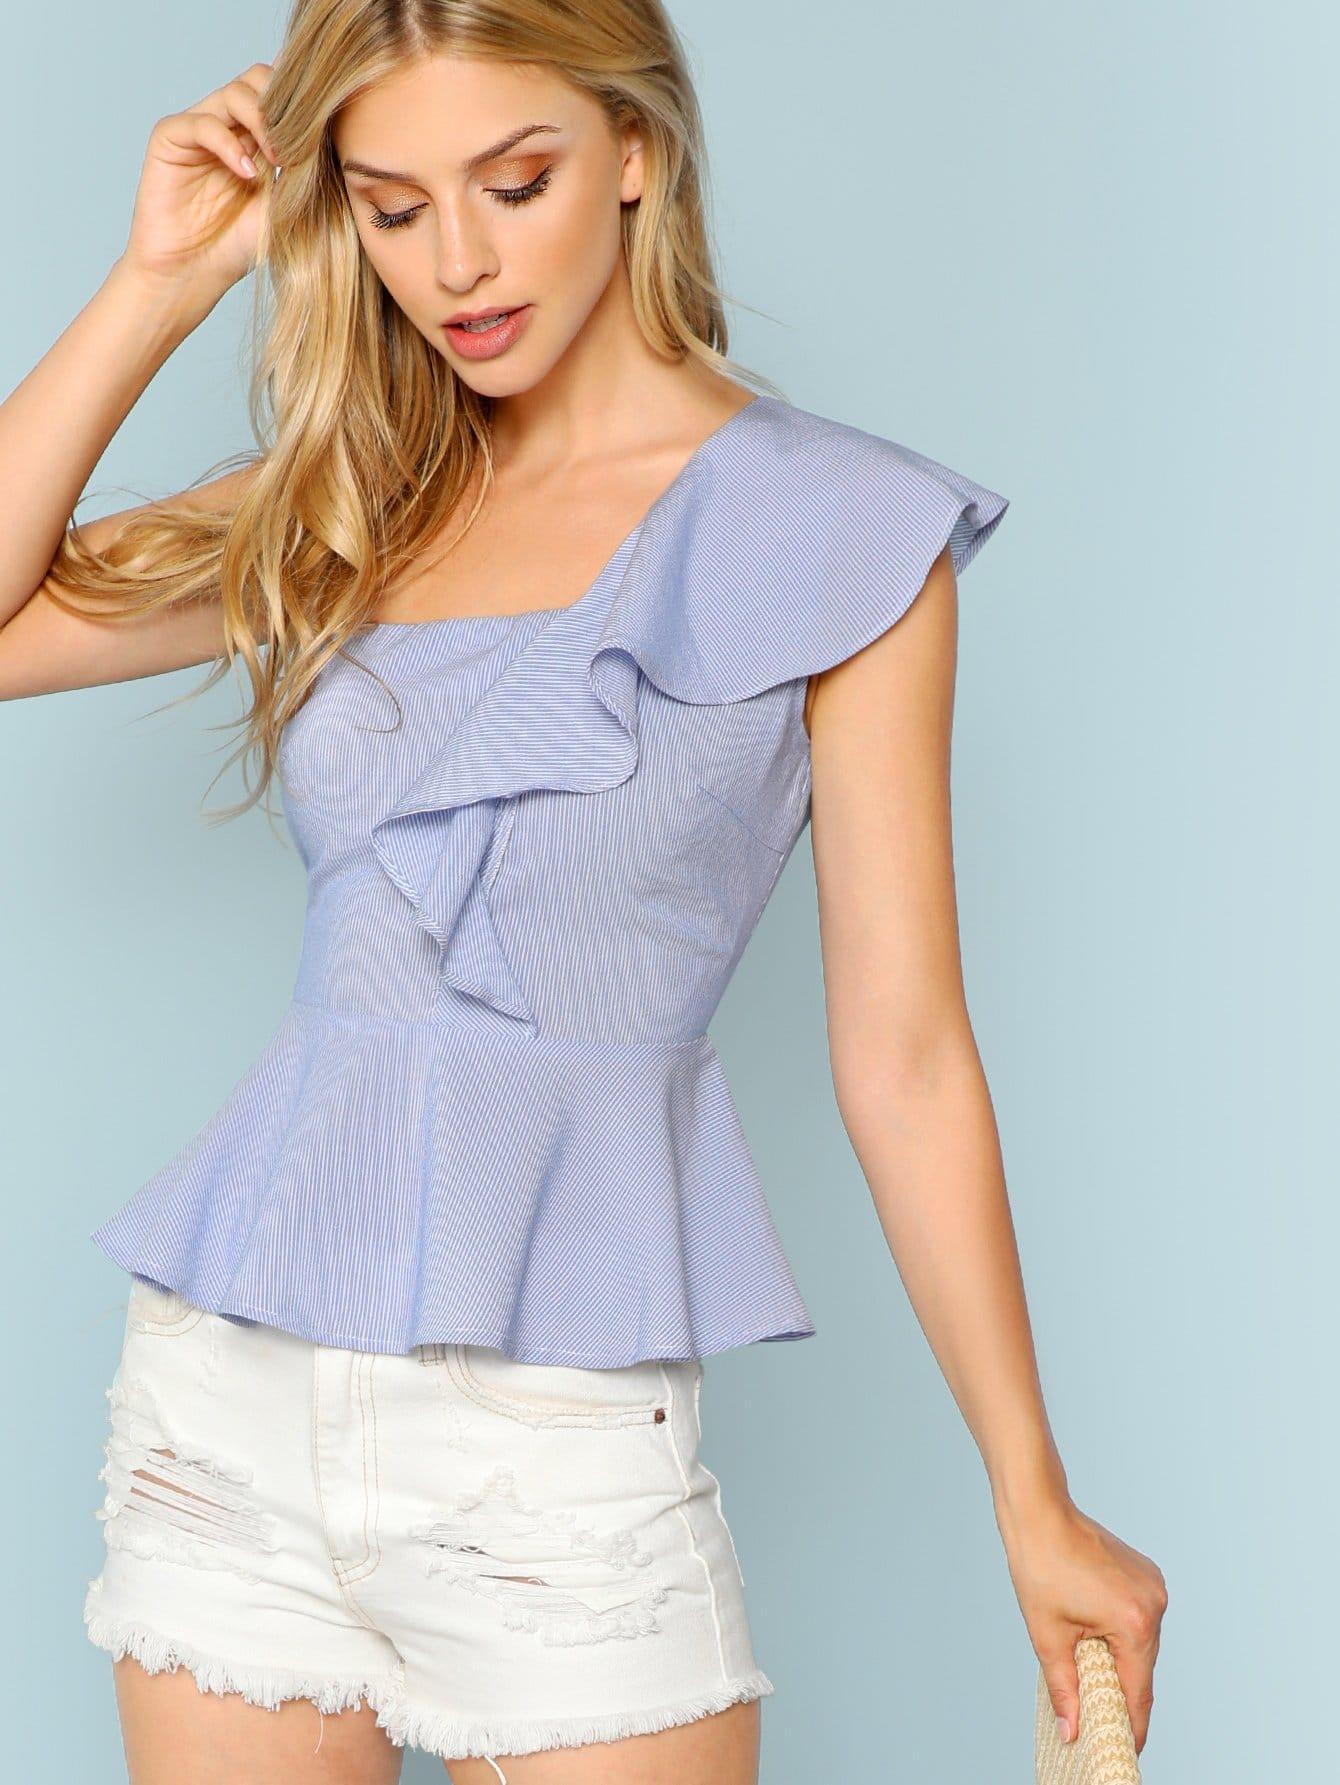 тогда городе блуза с крылышками на одном плече фото подобрать